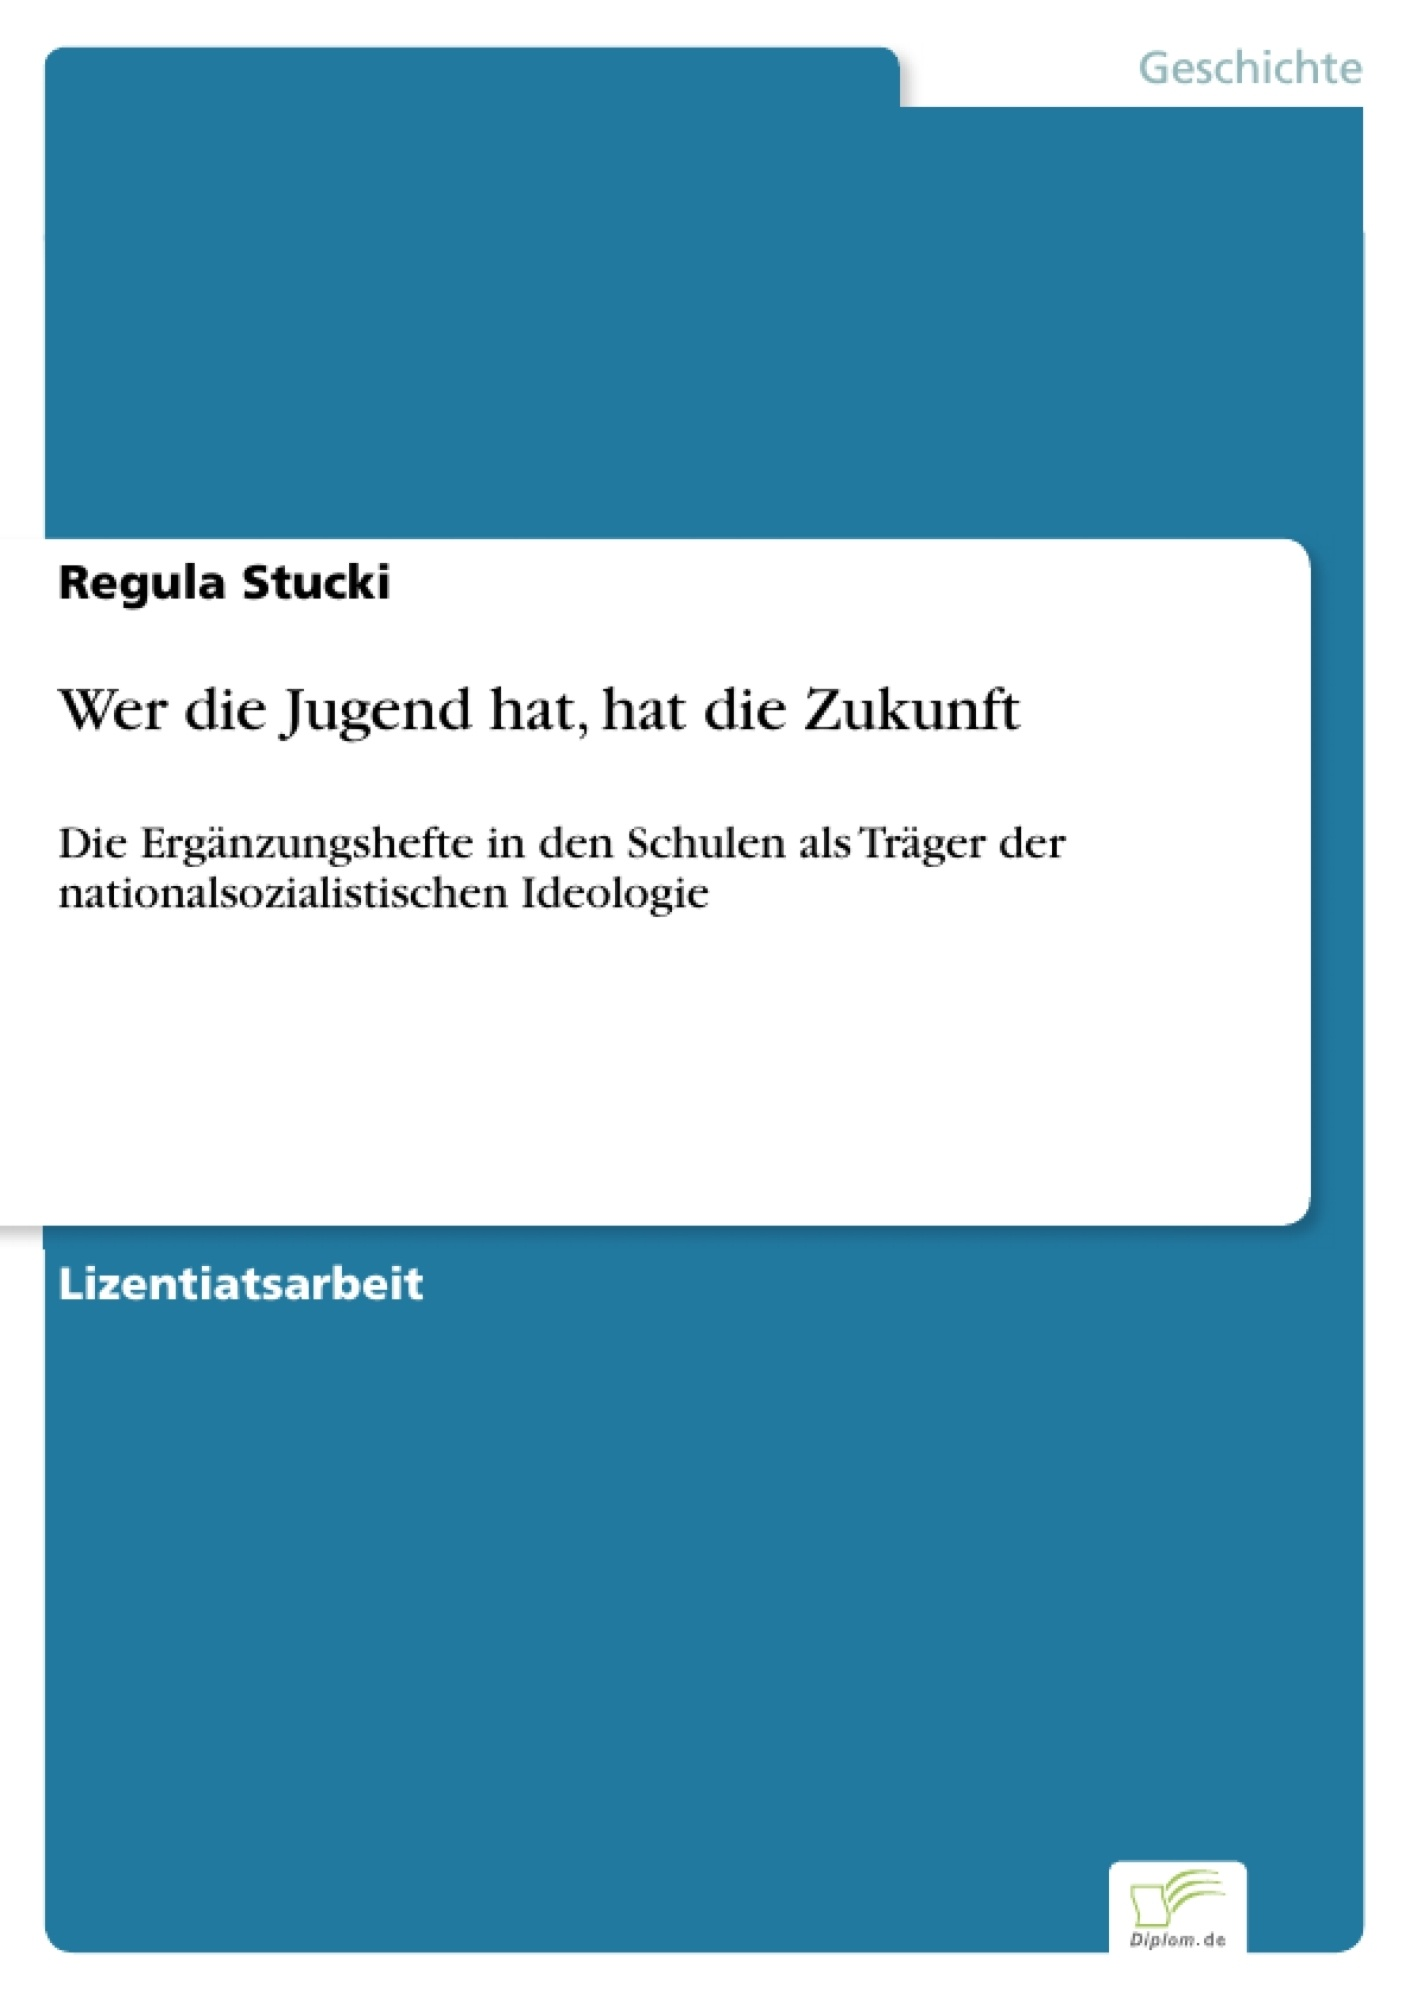 Hüte & Mützen Freundschaftlich Träger Schmale Herren Paris Qualität Hervorragende Blau Damen-accessoires